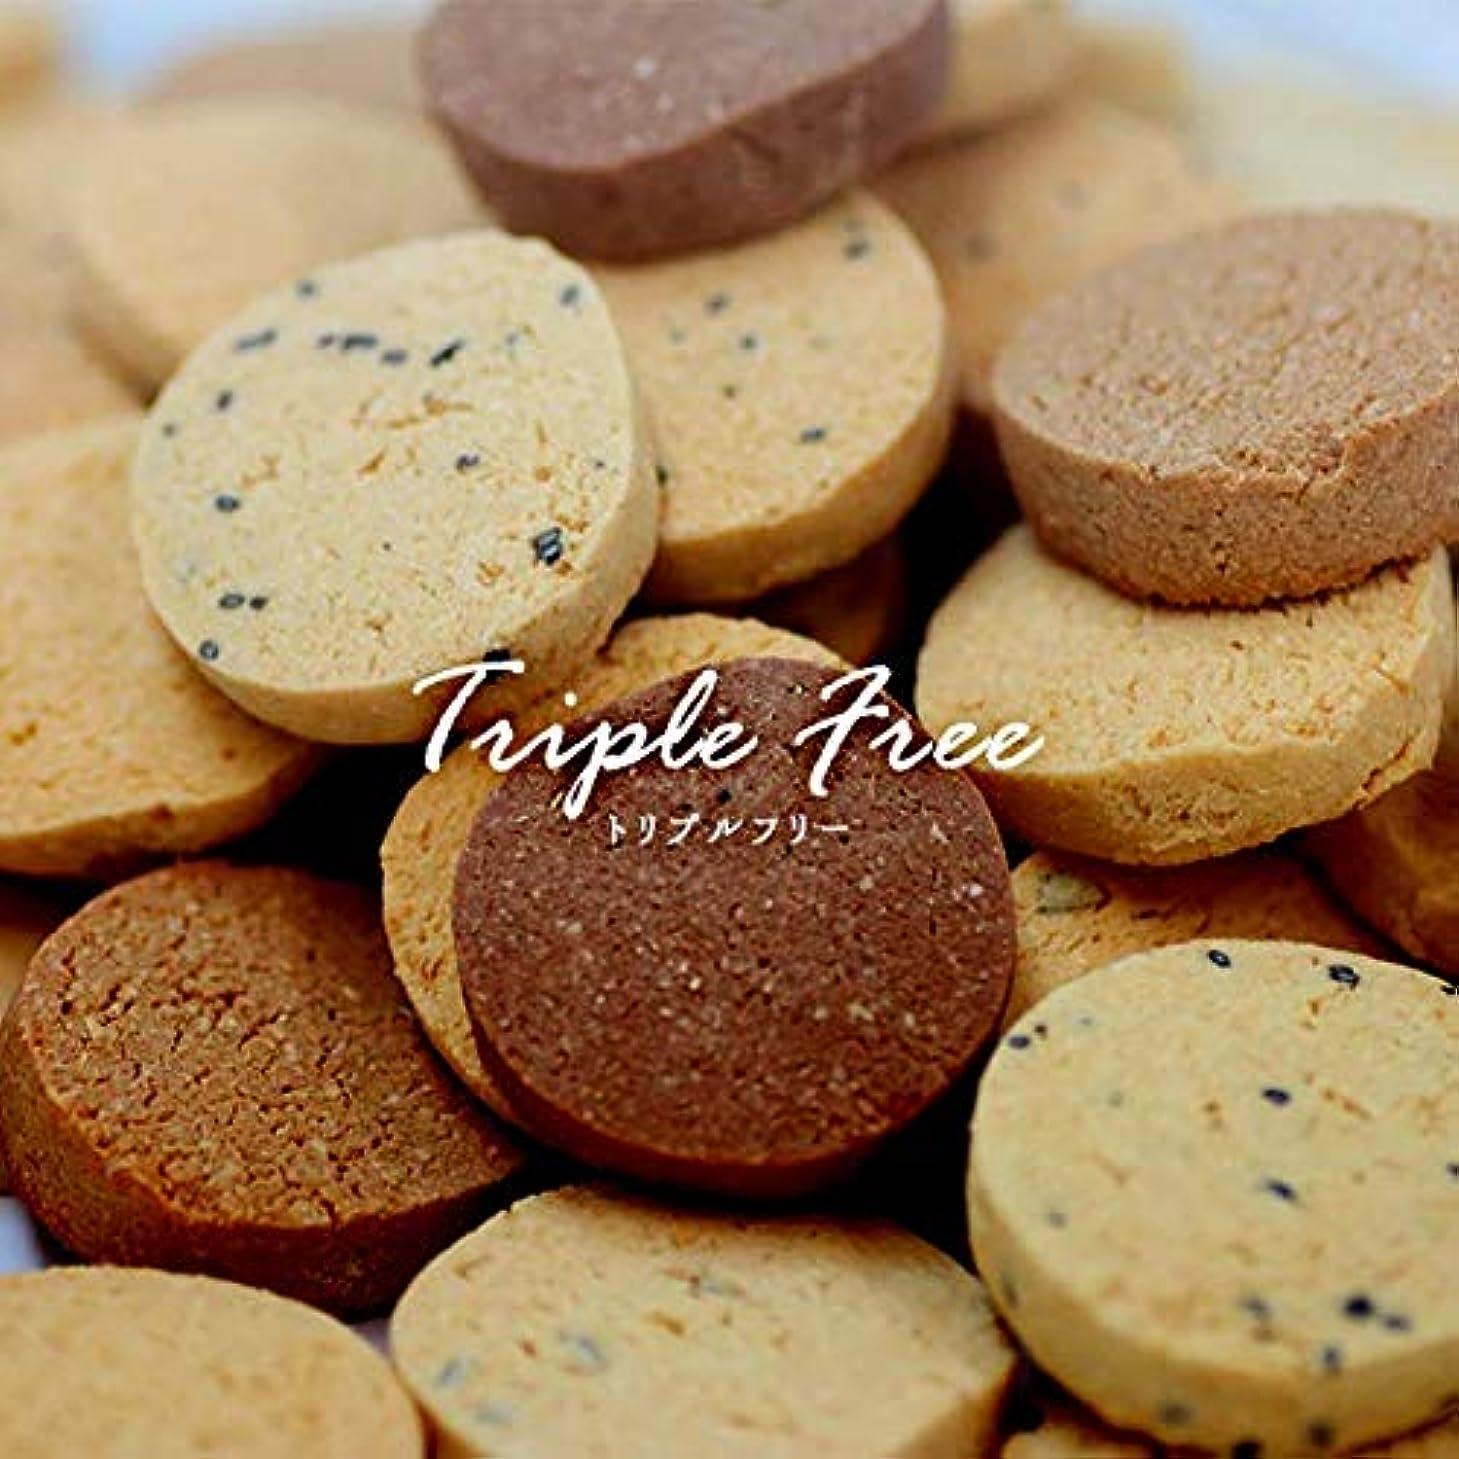 メロディークロニクル慣らす新感覚!大人気5種類!Triple Free 豆乳おからクッキー 1kg(個包装)小麦粉不使用のダイエットクッキー